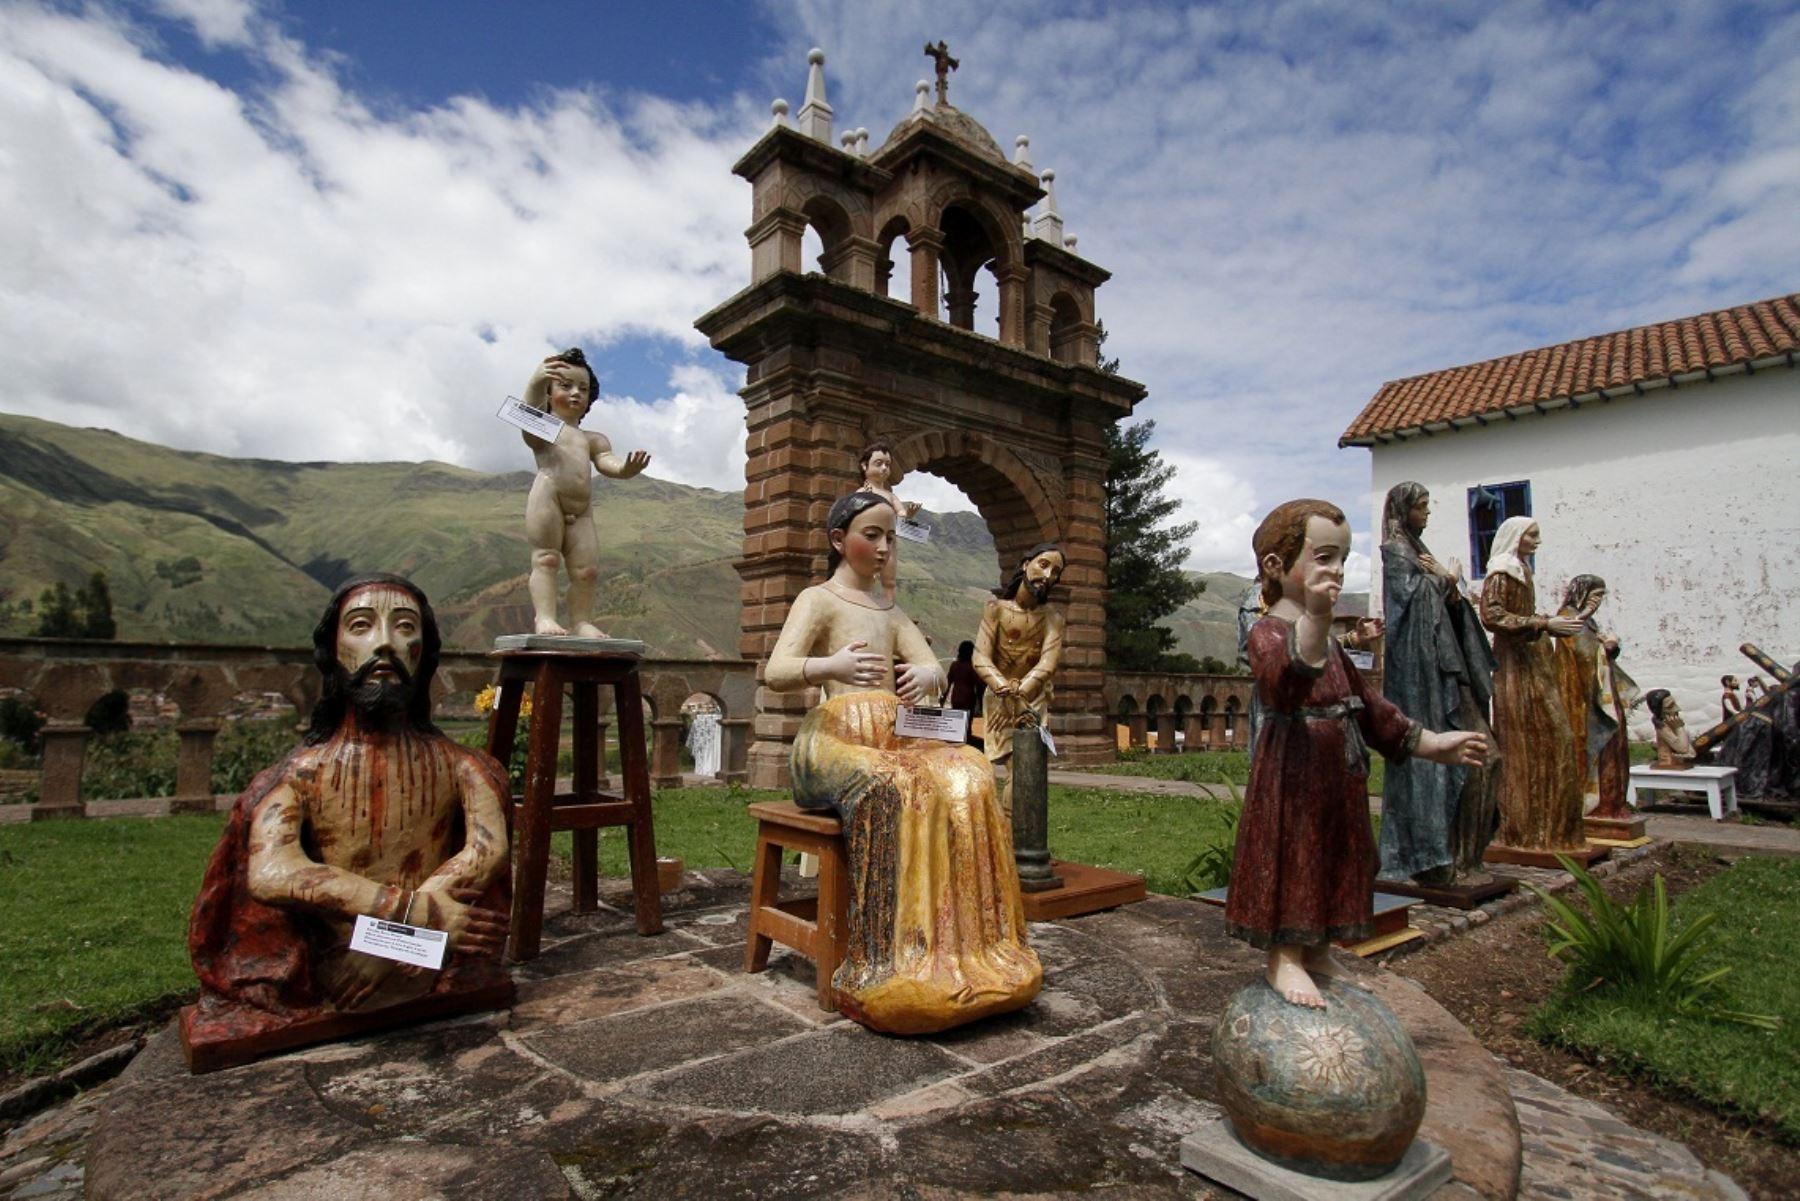 Se restauraron esculturas, pinturas y ceramios inca en centro de restauración de Tipón, en Cusco. ANDINA/Percy Hurtado